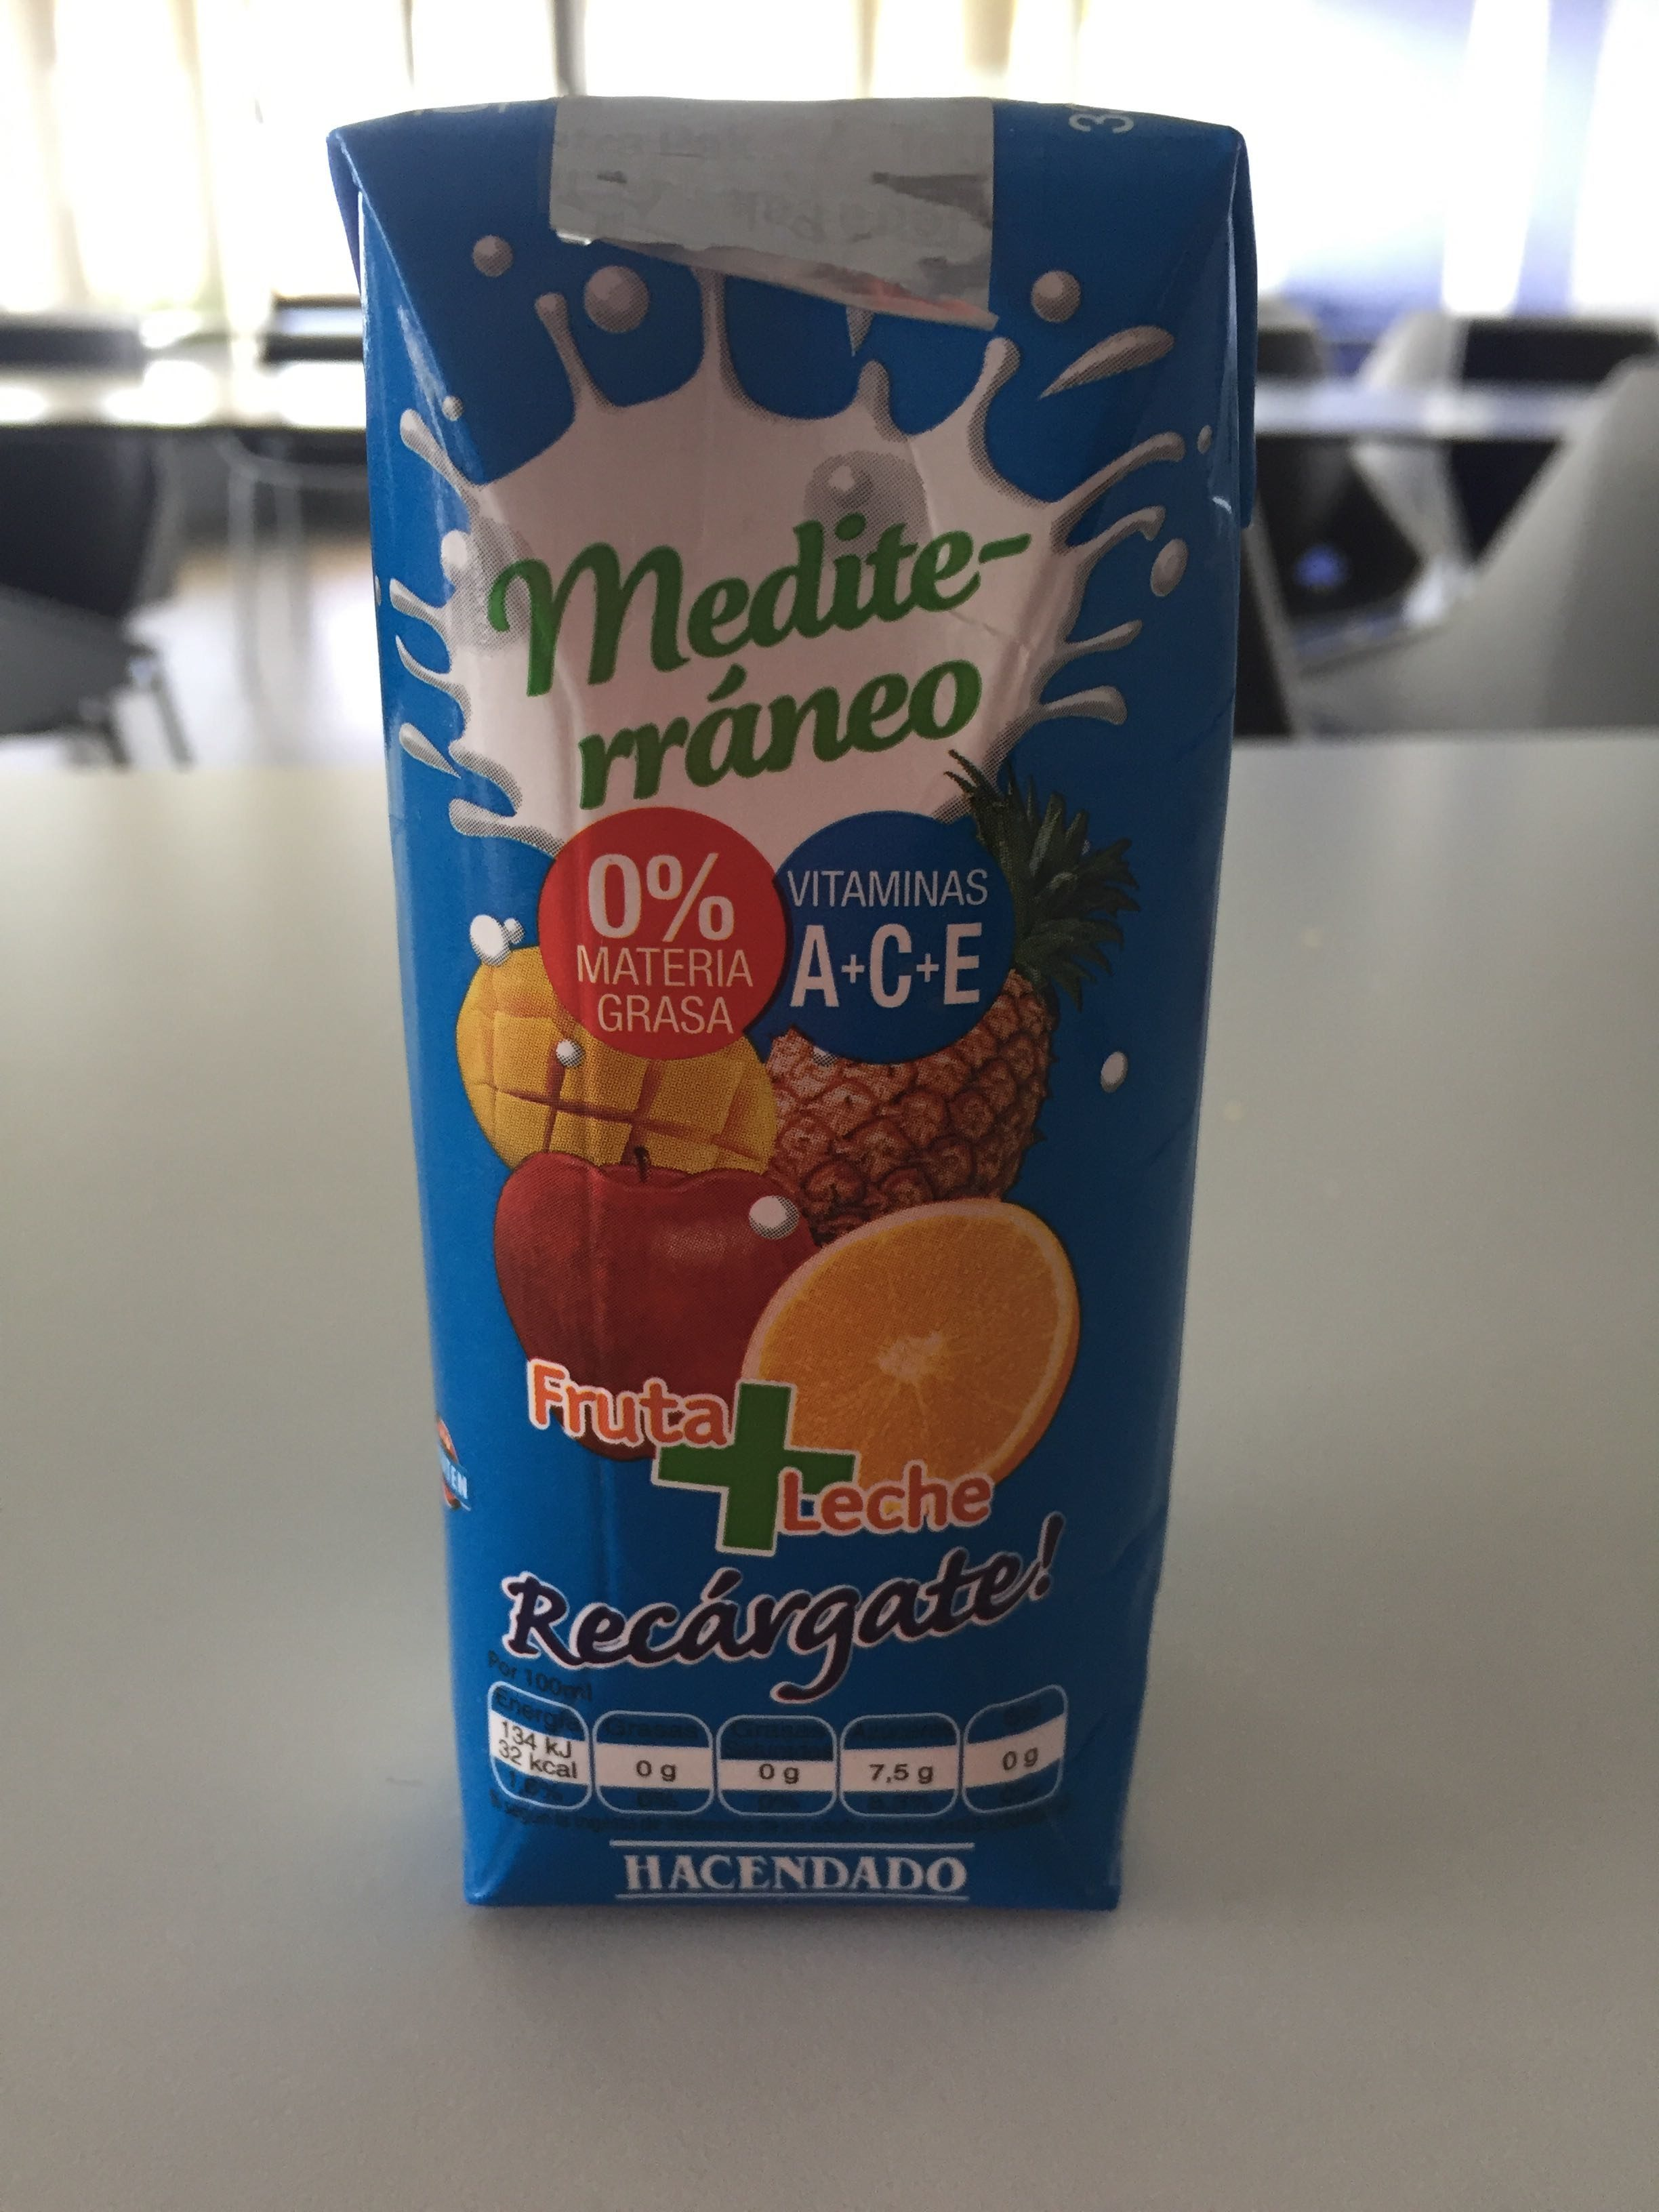 Zumo + leche mediterraneo - Producto - es